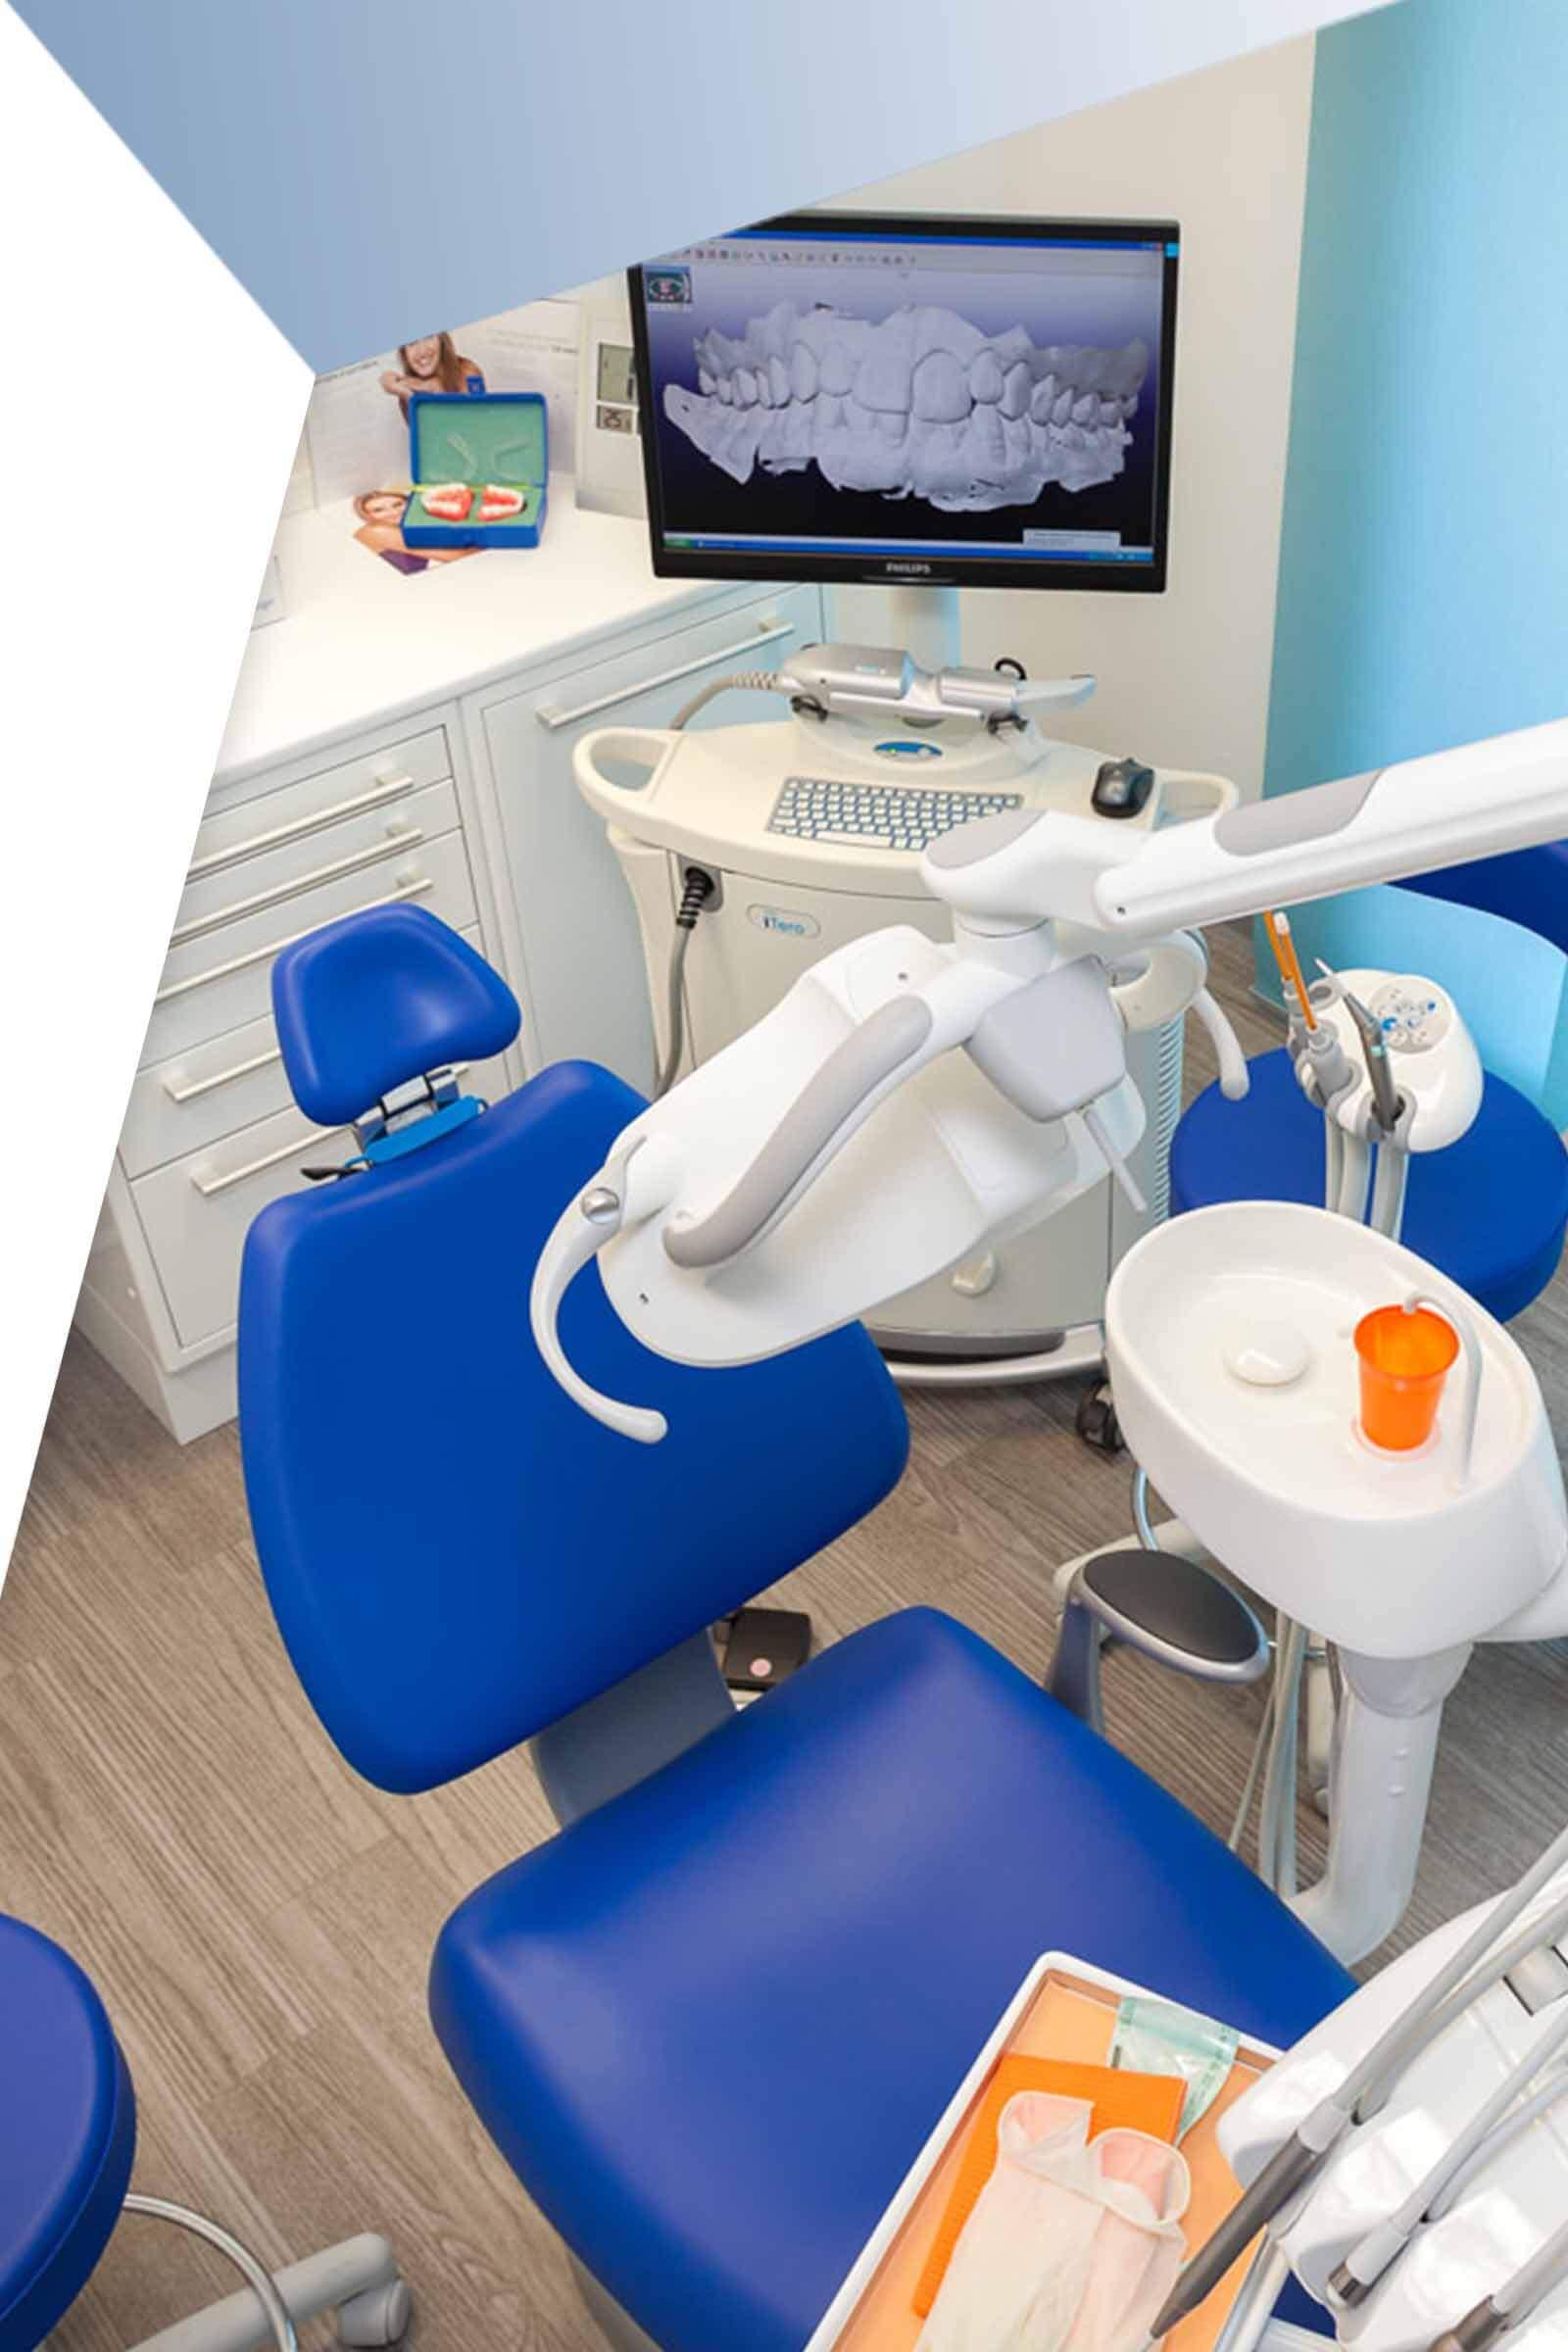 Centro Dentistico Specializzato In Ortodonzia A Tradate Smile Pro Varese